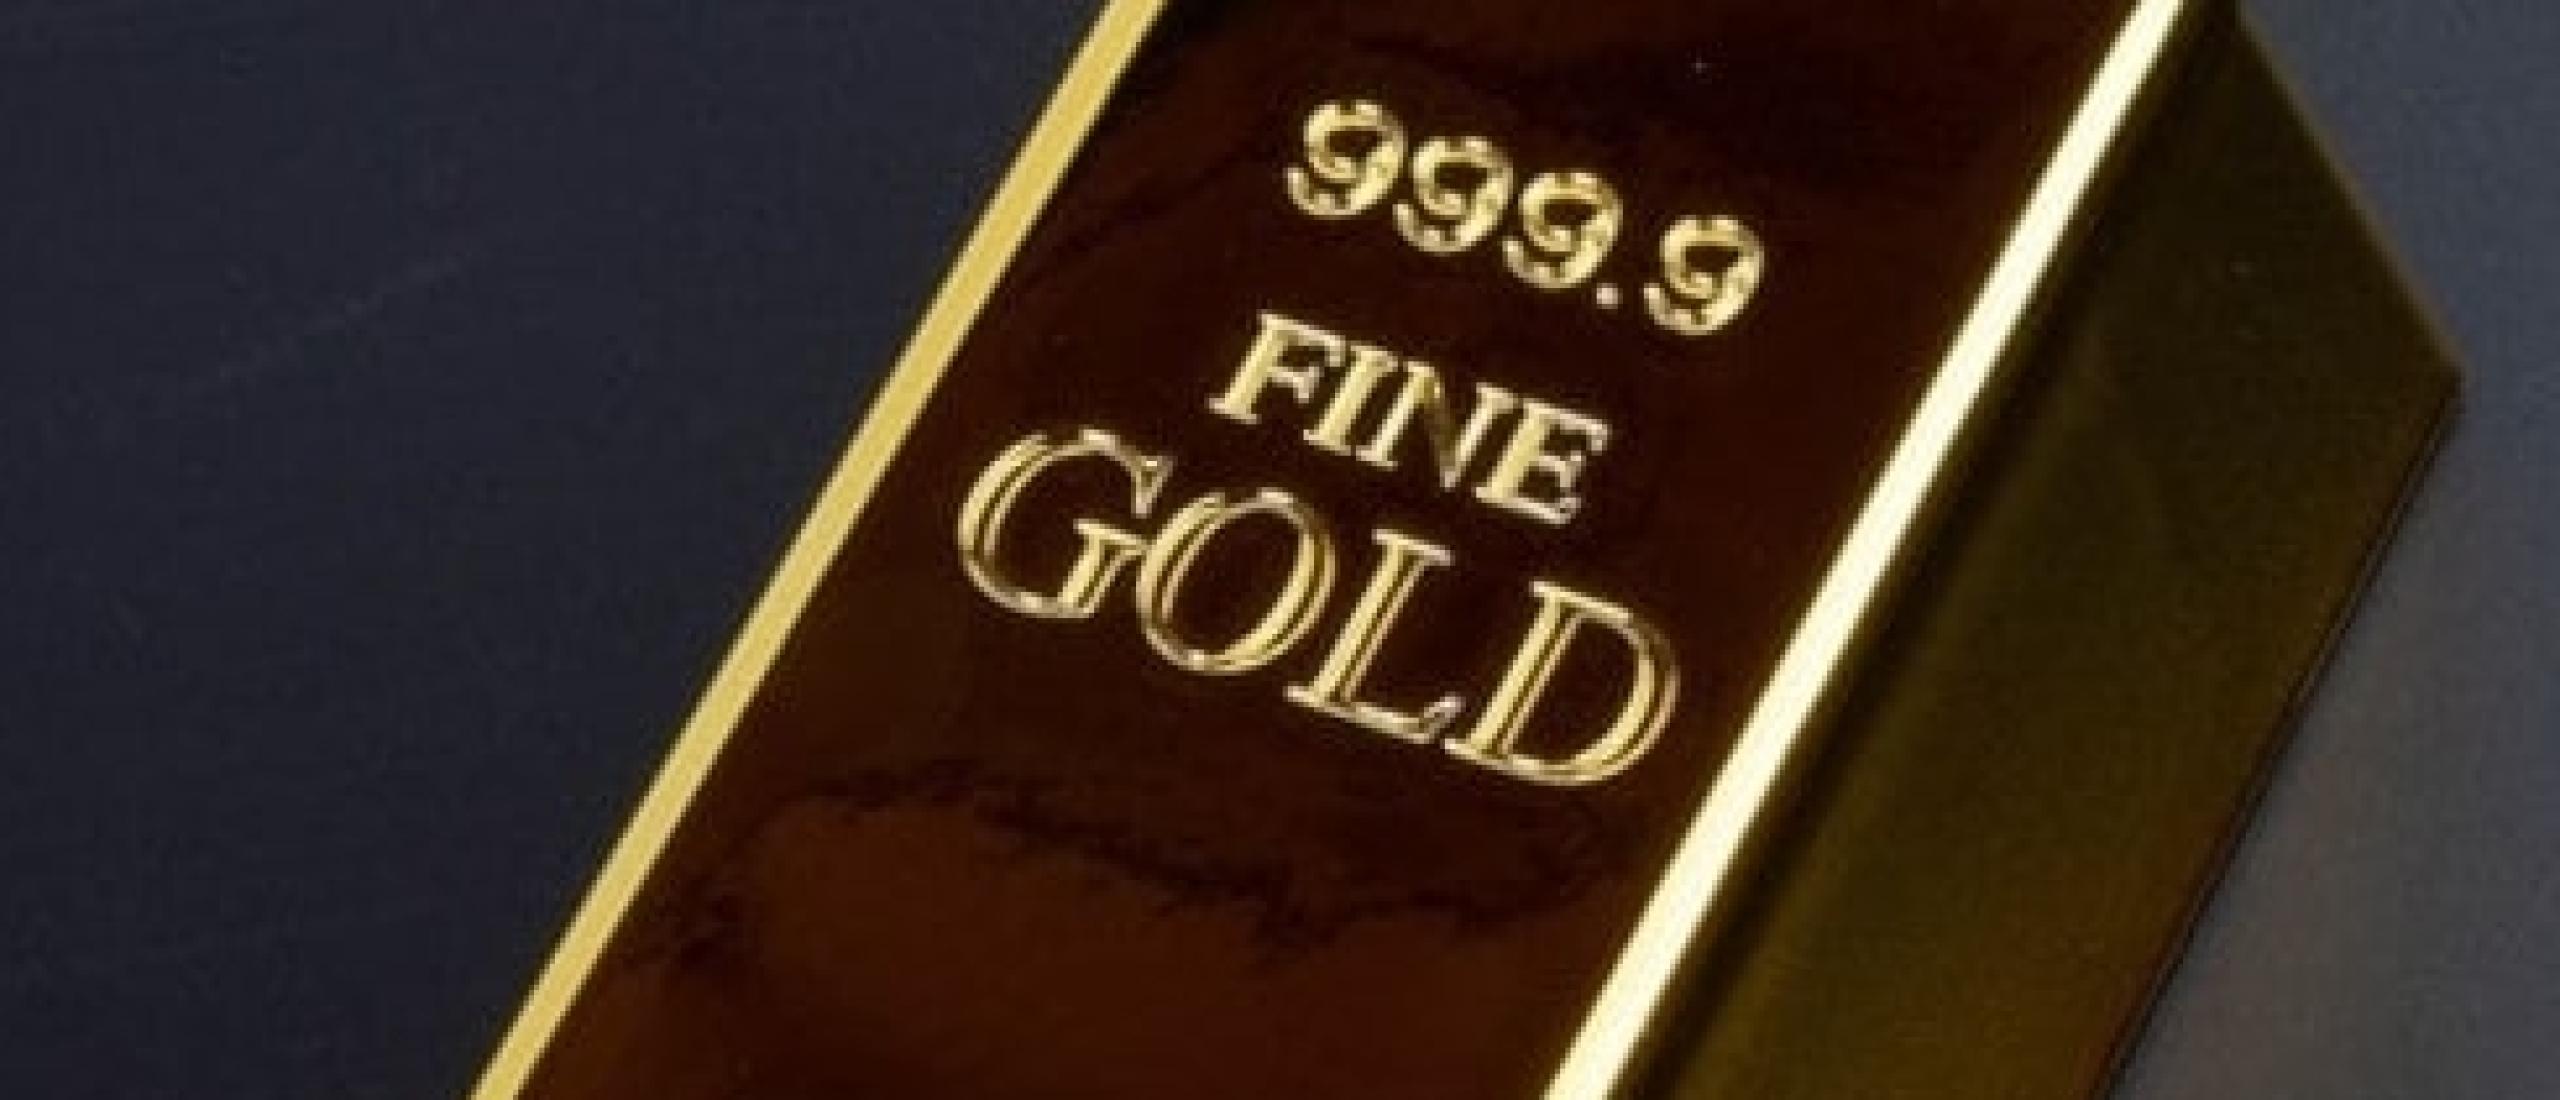 Goldbars big